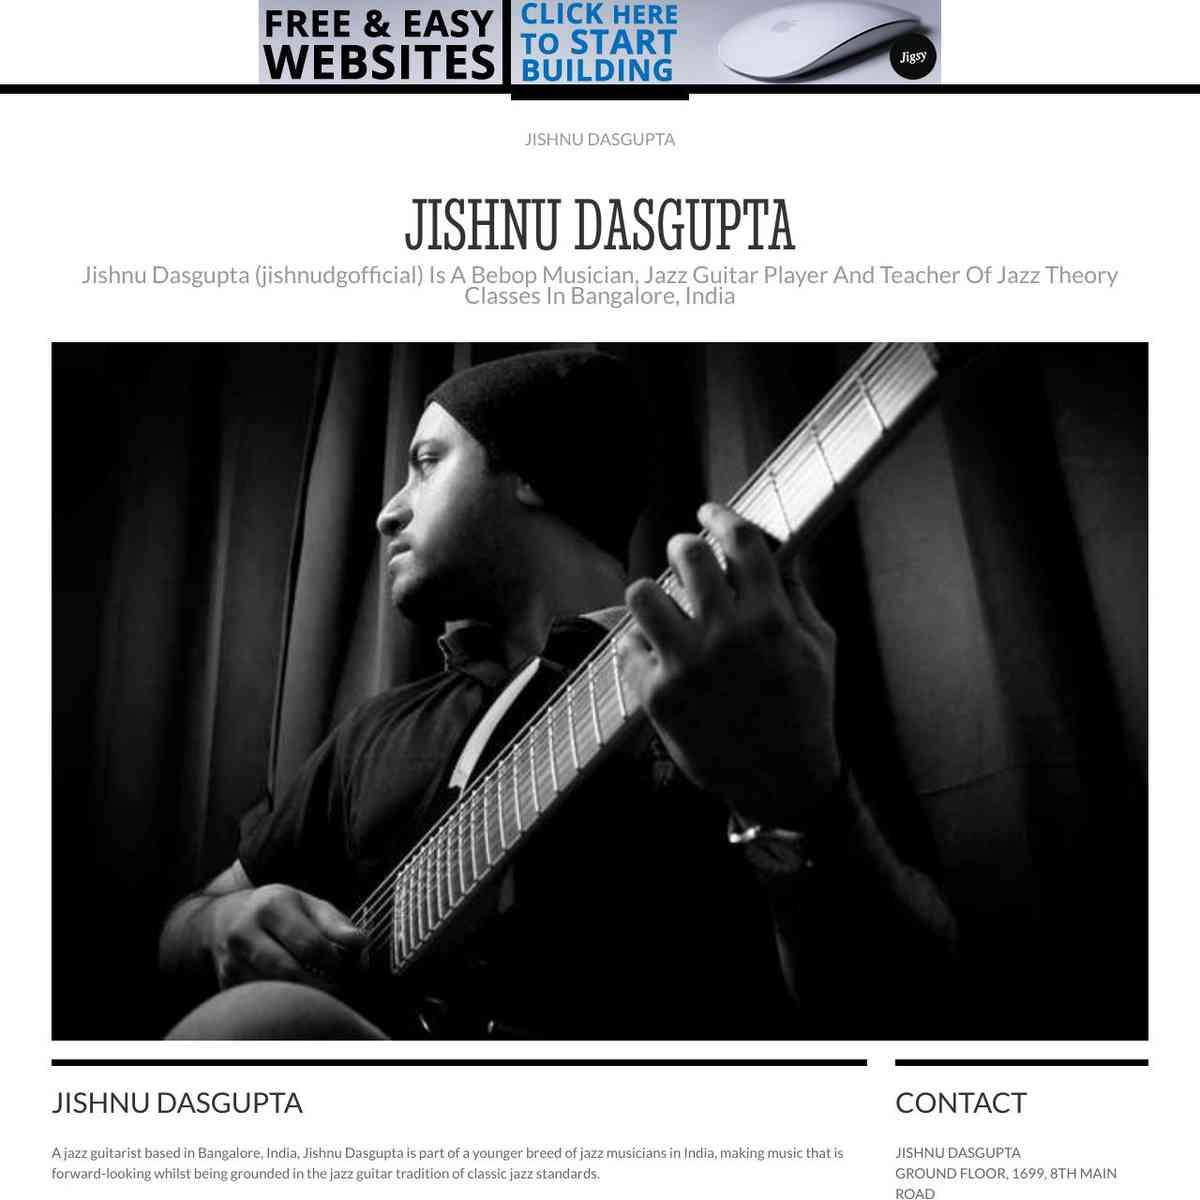 http://jishnu-dasgupta.jigsy.com/